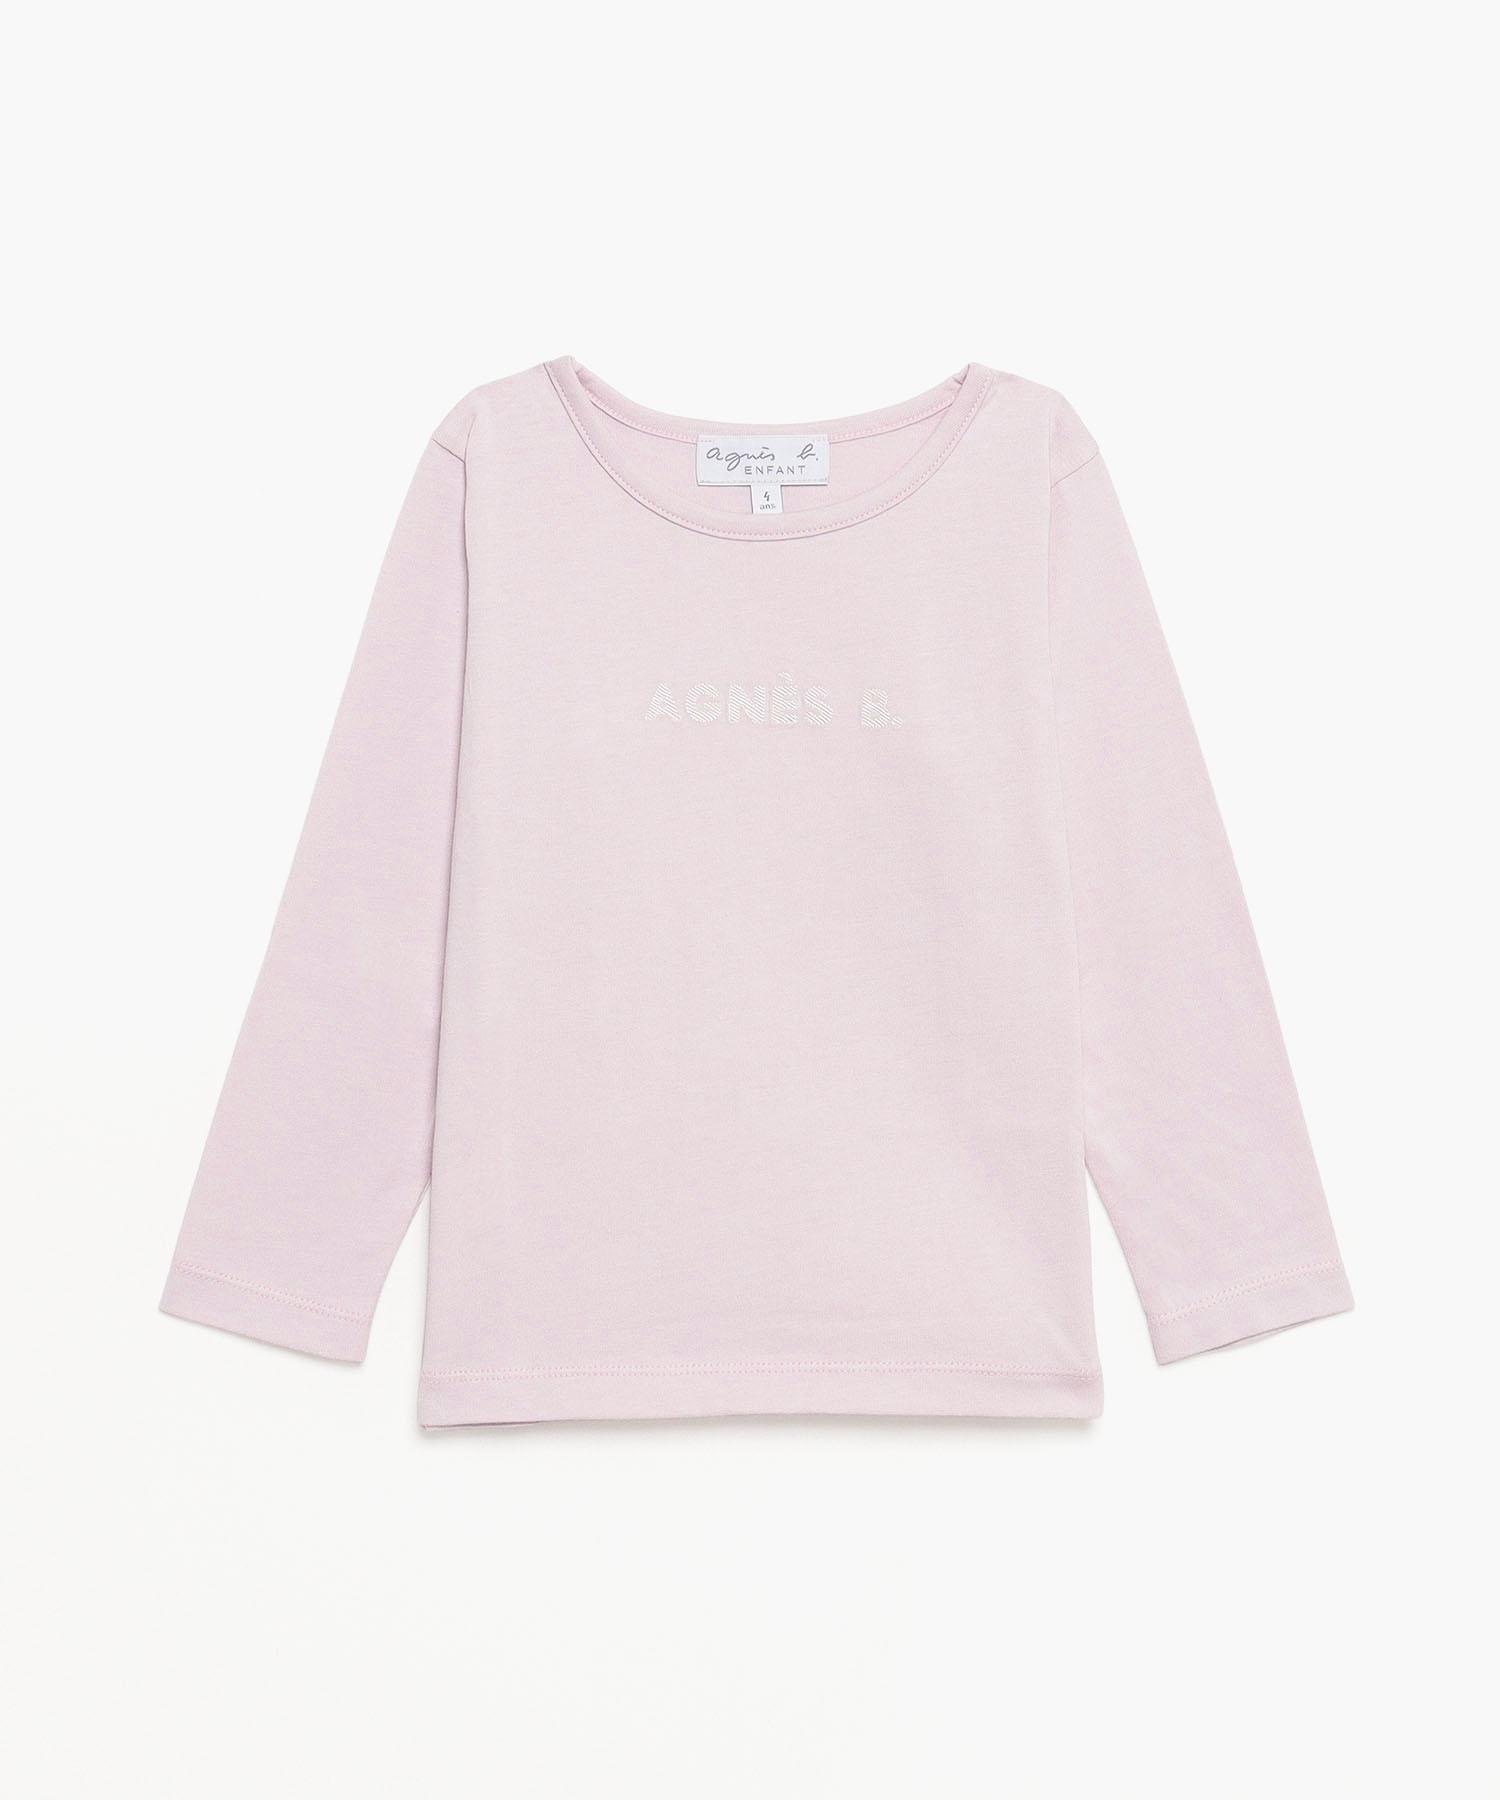 K339 E TS キッズ ロゴTシャツ